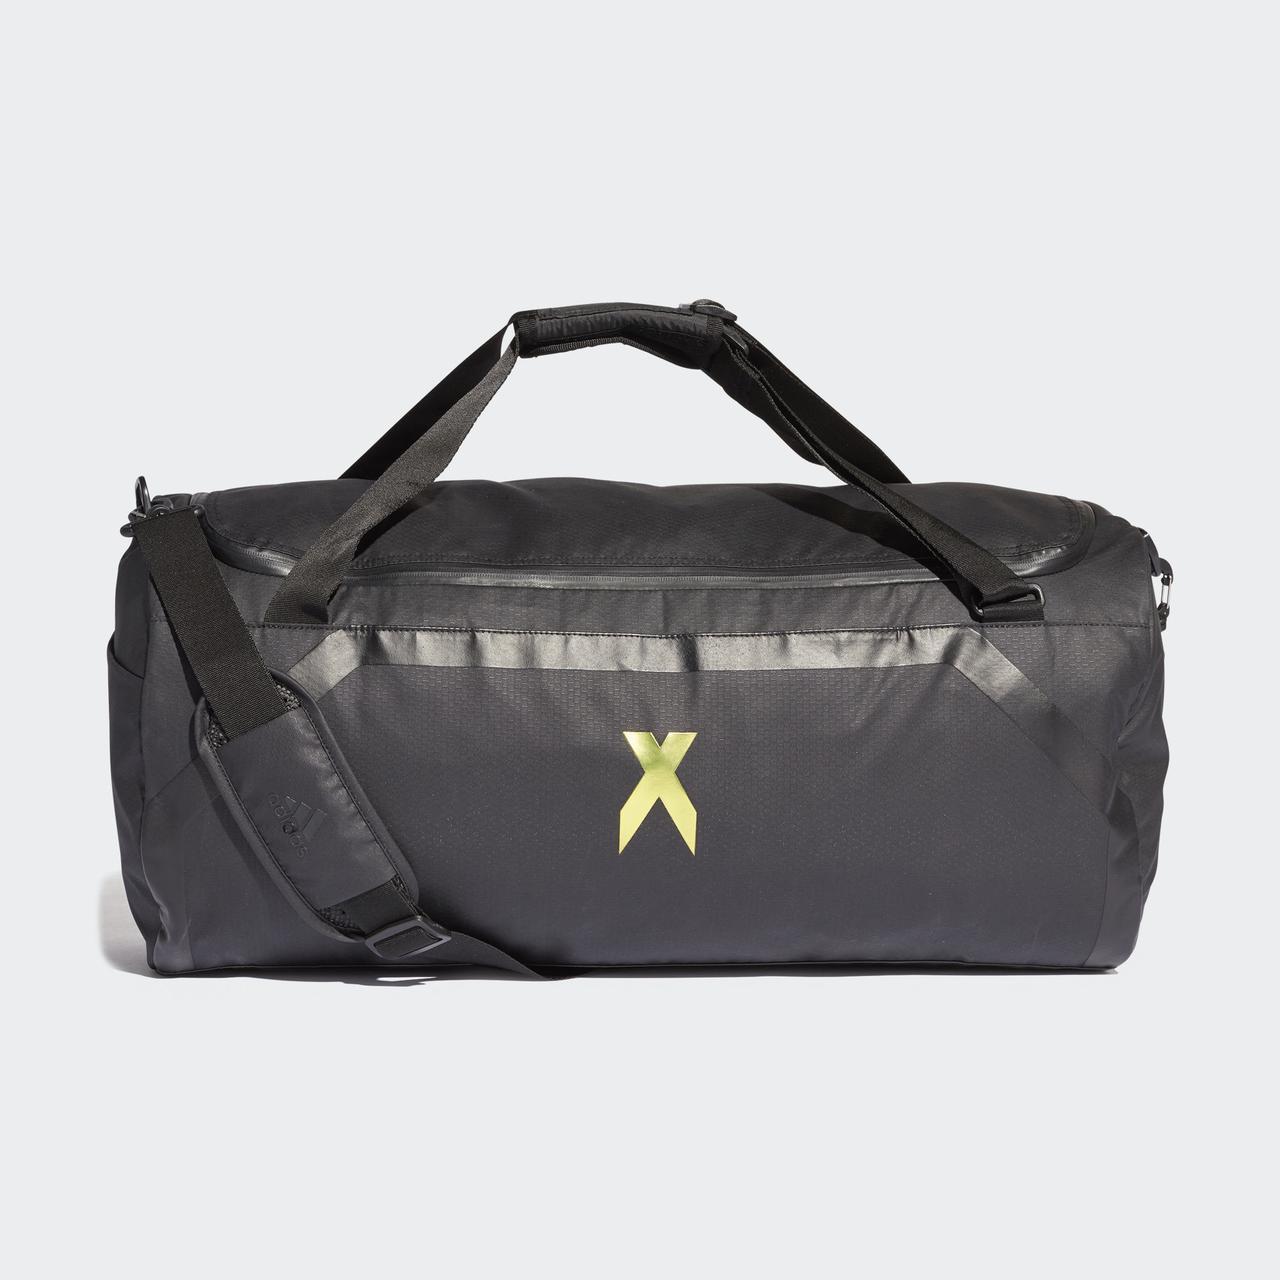 Купить Сумка Adidas Performance Football X Best (Артикул  CZ2492) в ... b2dc737dcf5